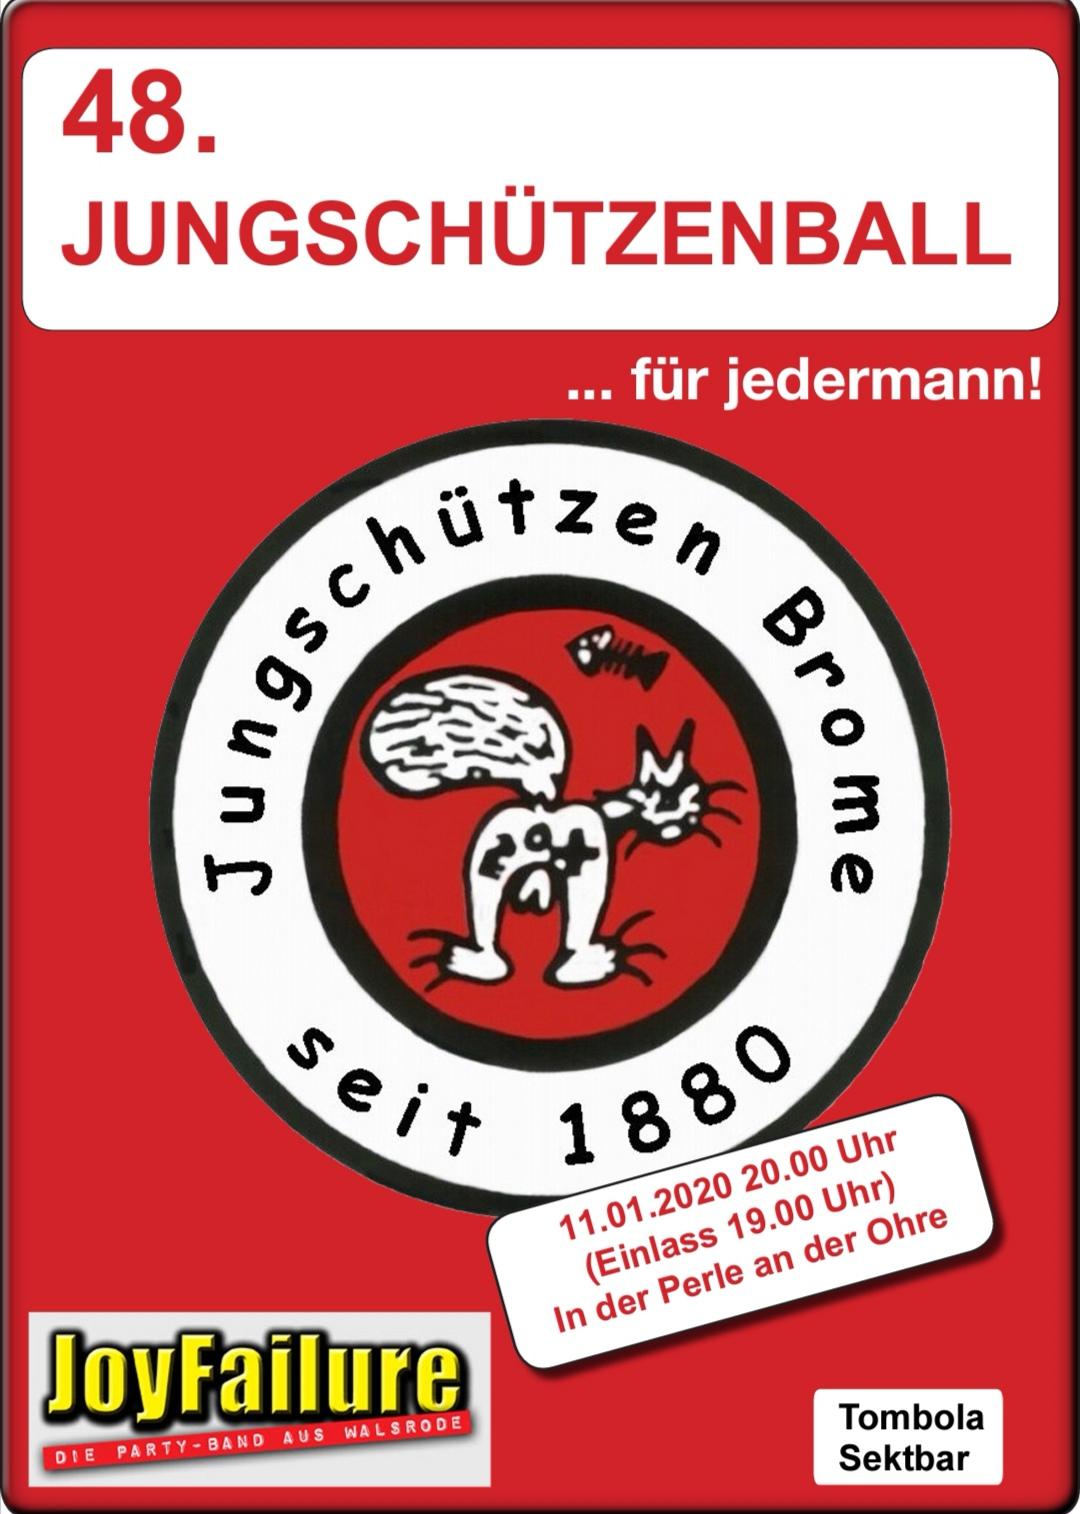 Jungschützenball 2020